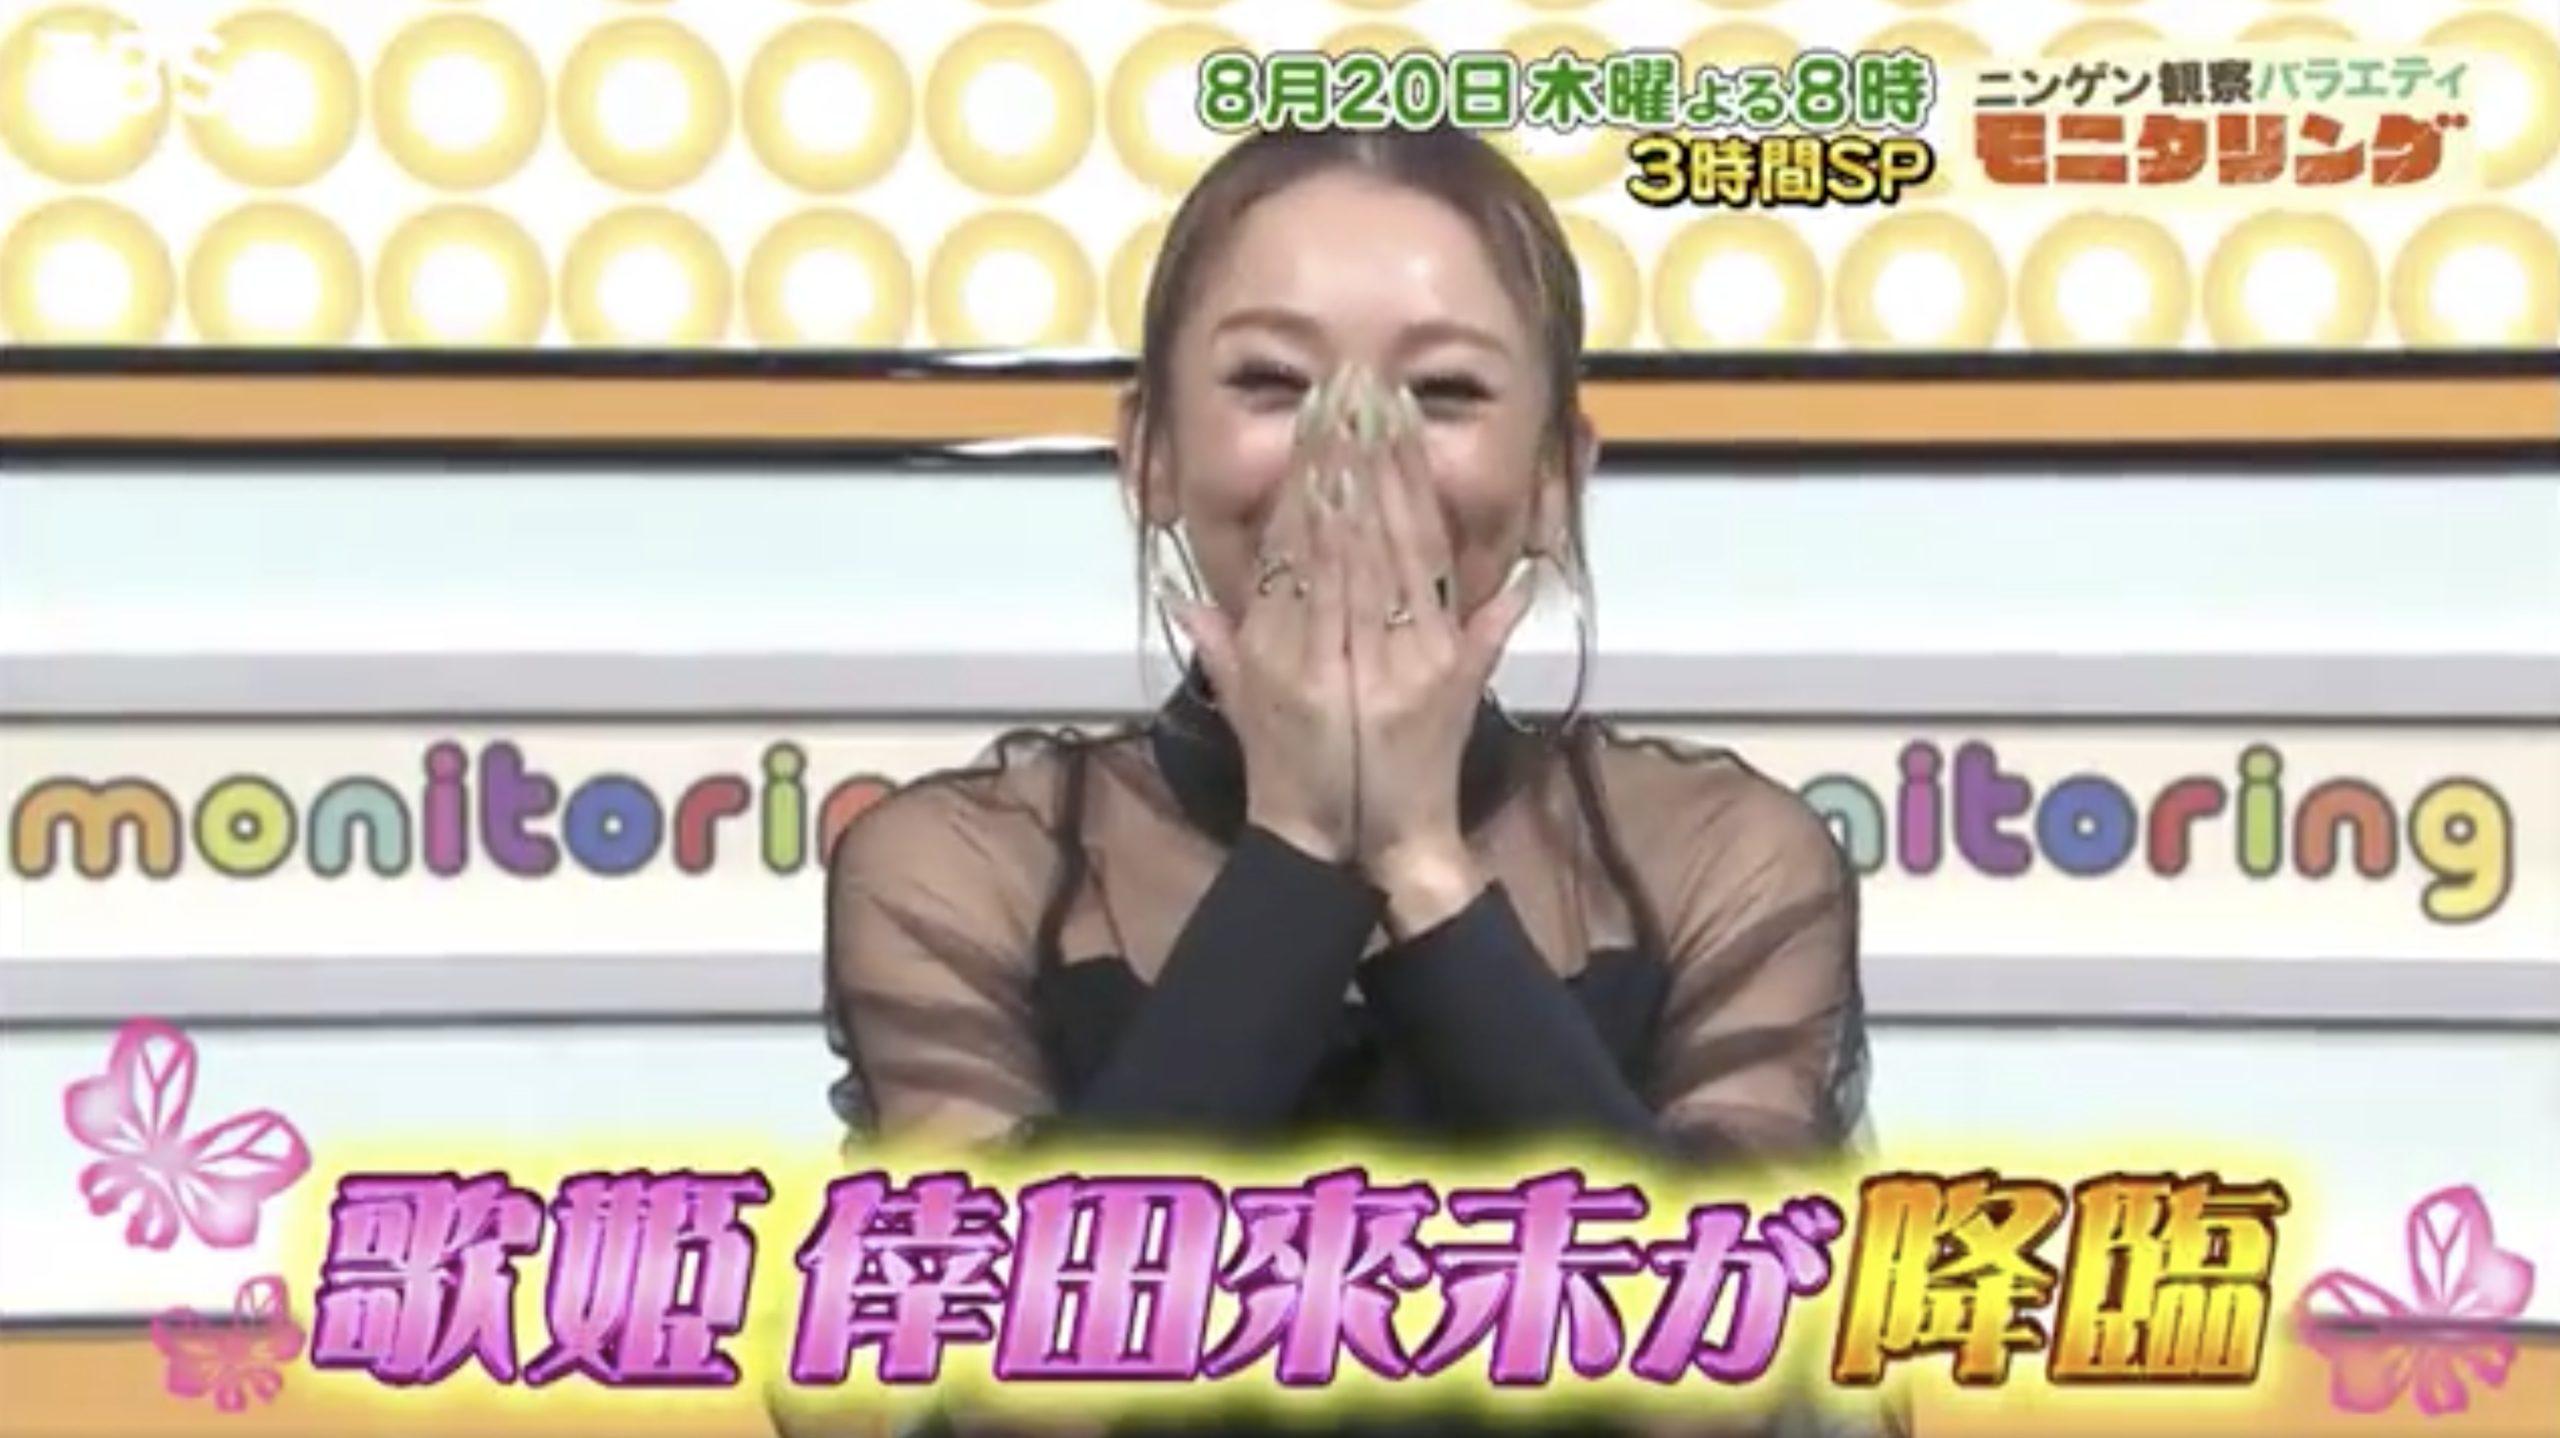 モニタリング3時間SP(JO1)8月20日の無料動画や見逃し配信をフル視聴する方法!